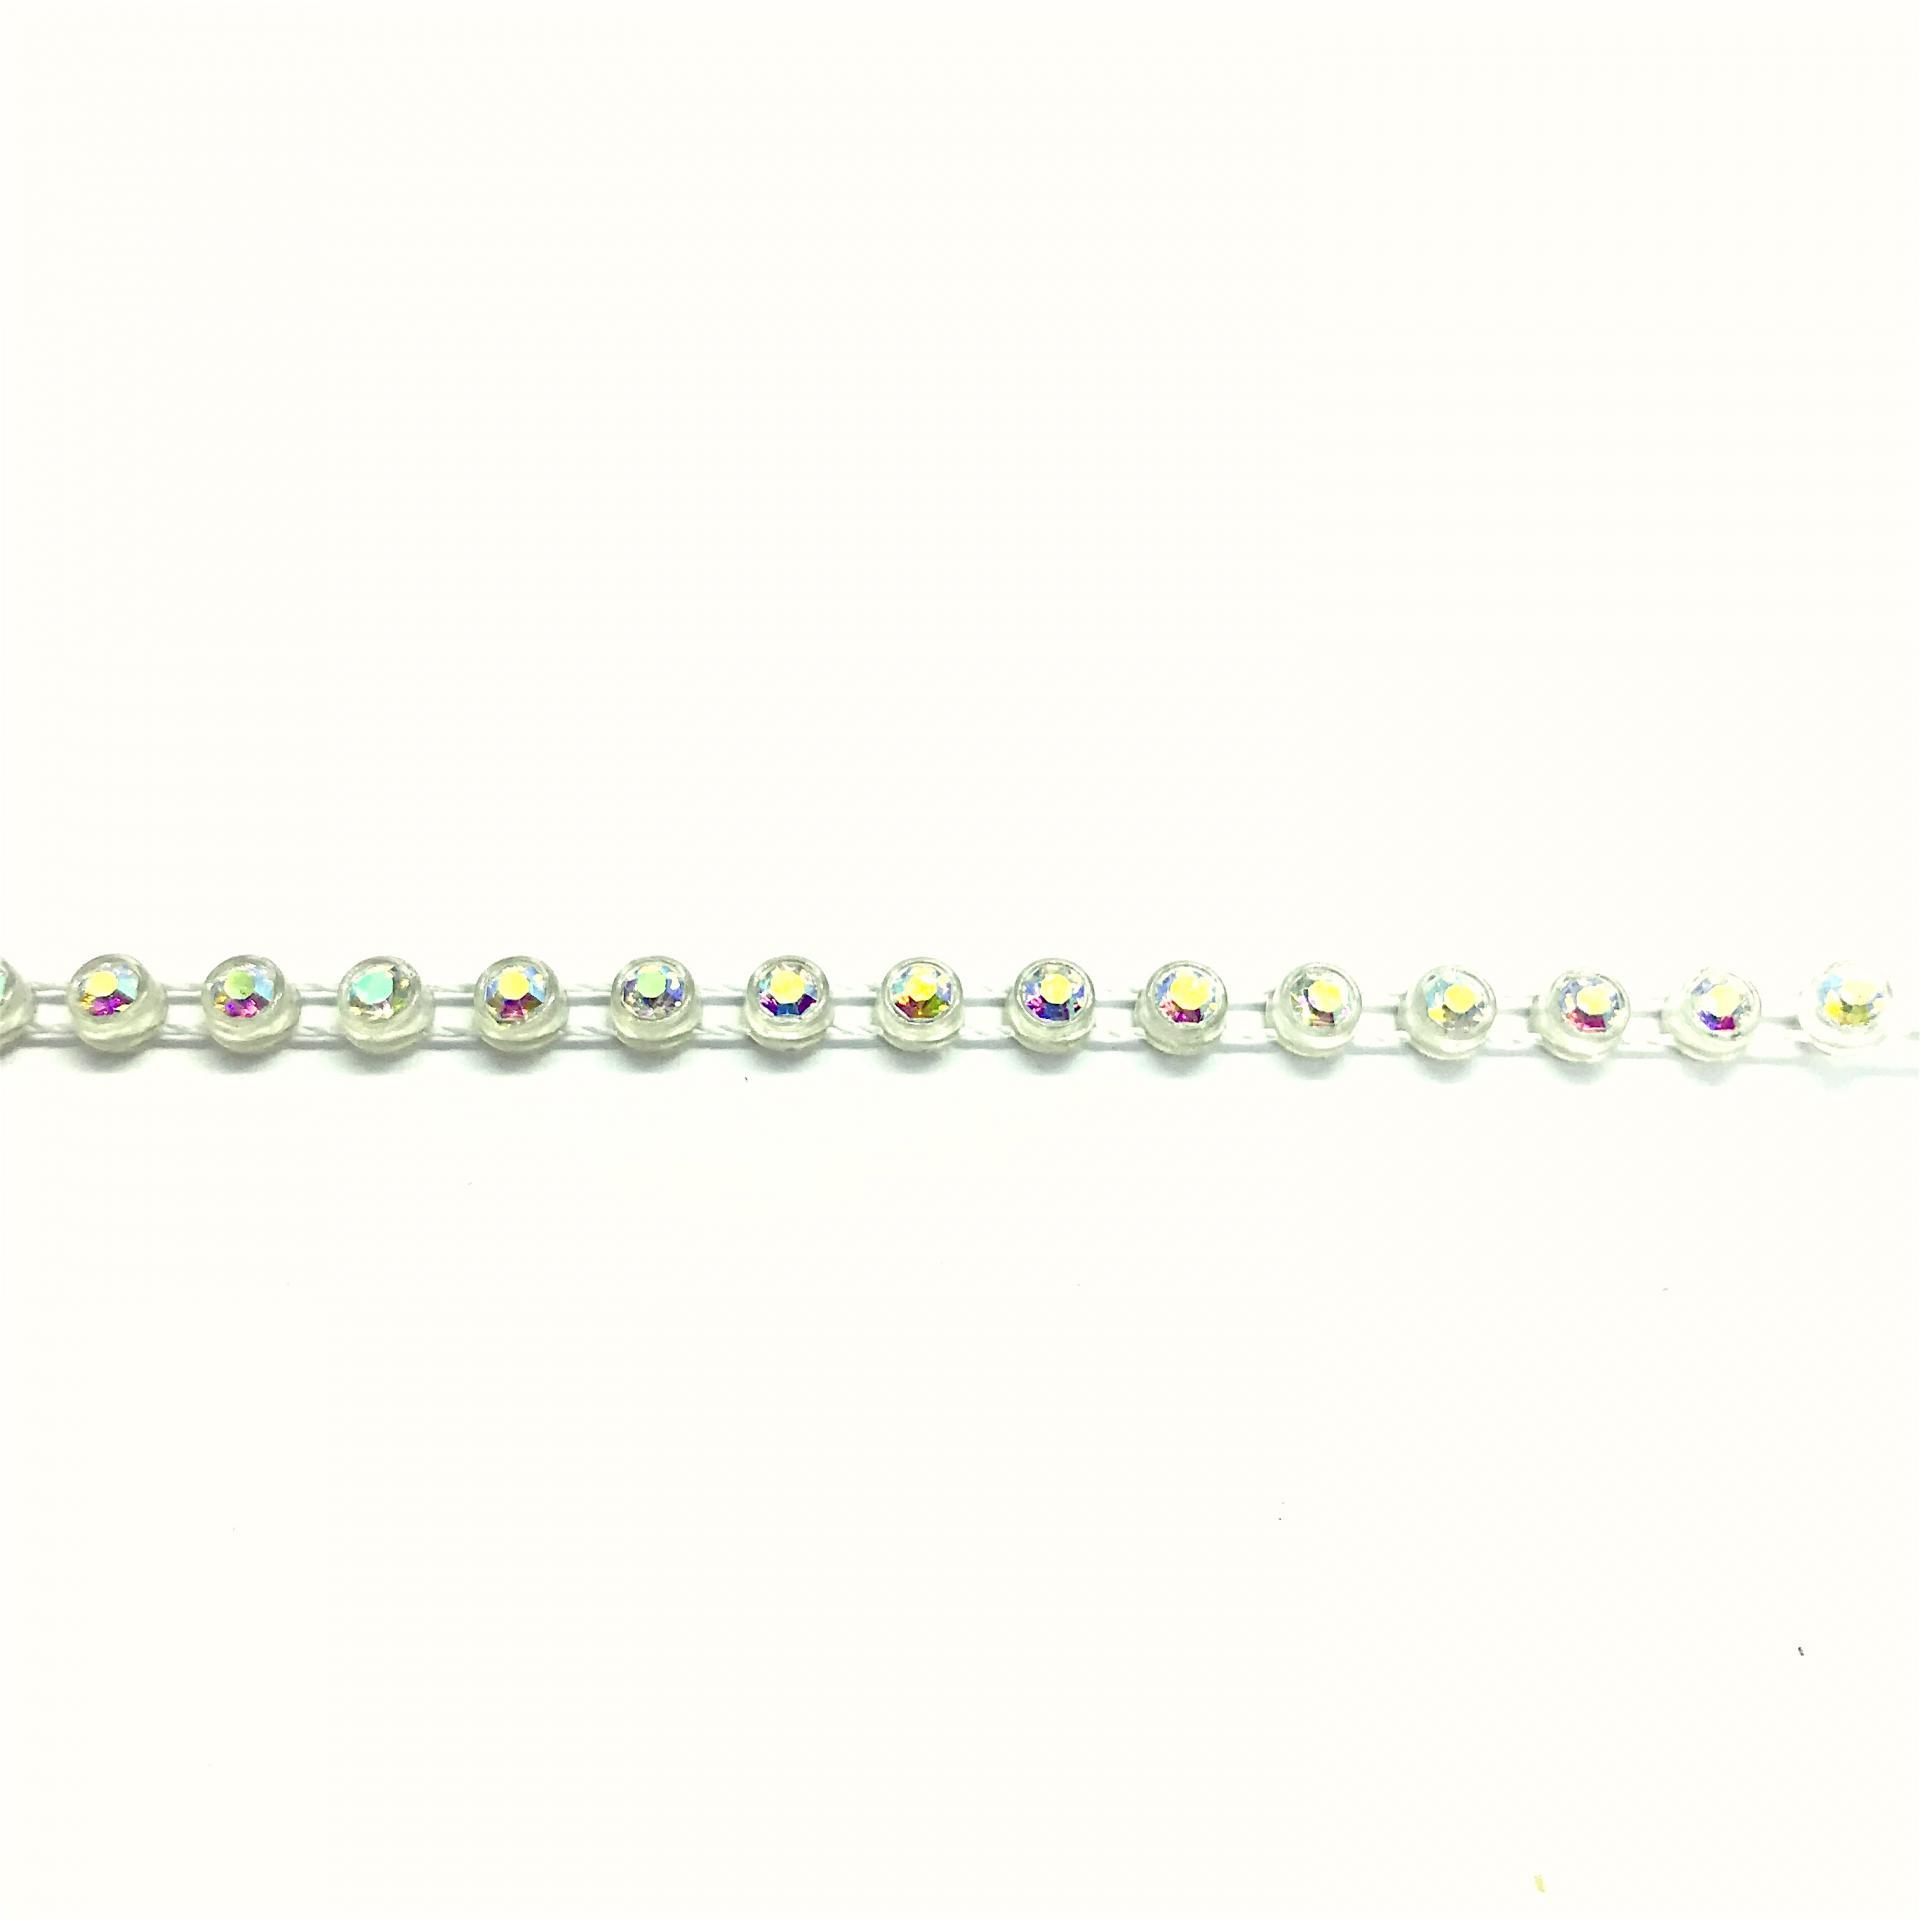 Galon de strass a coudre cristal ab base plastique translucide 5mm